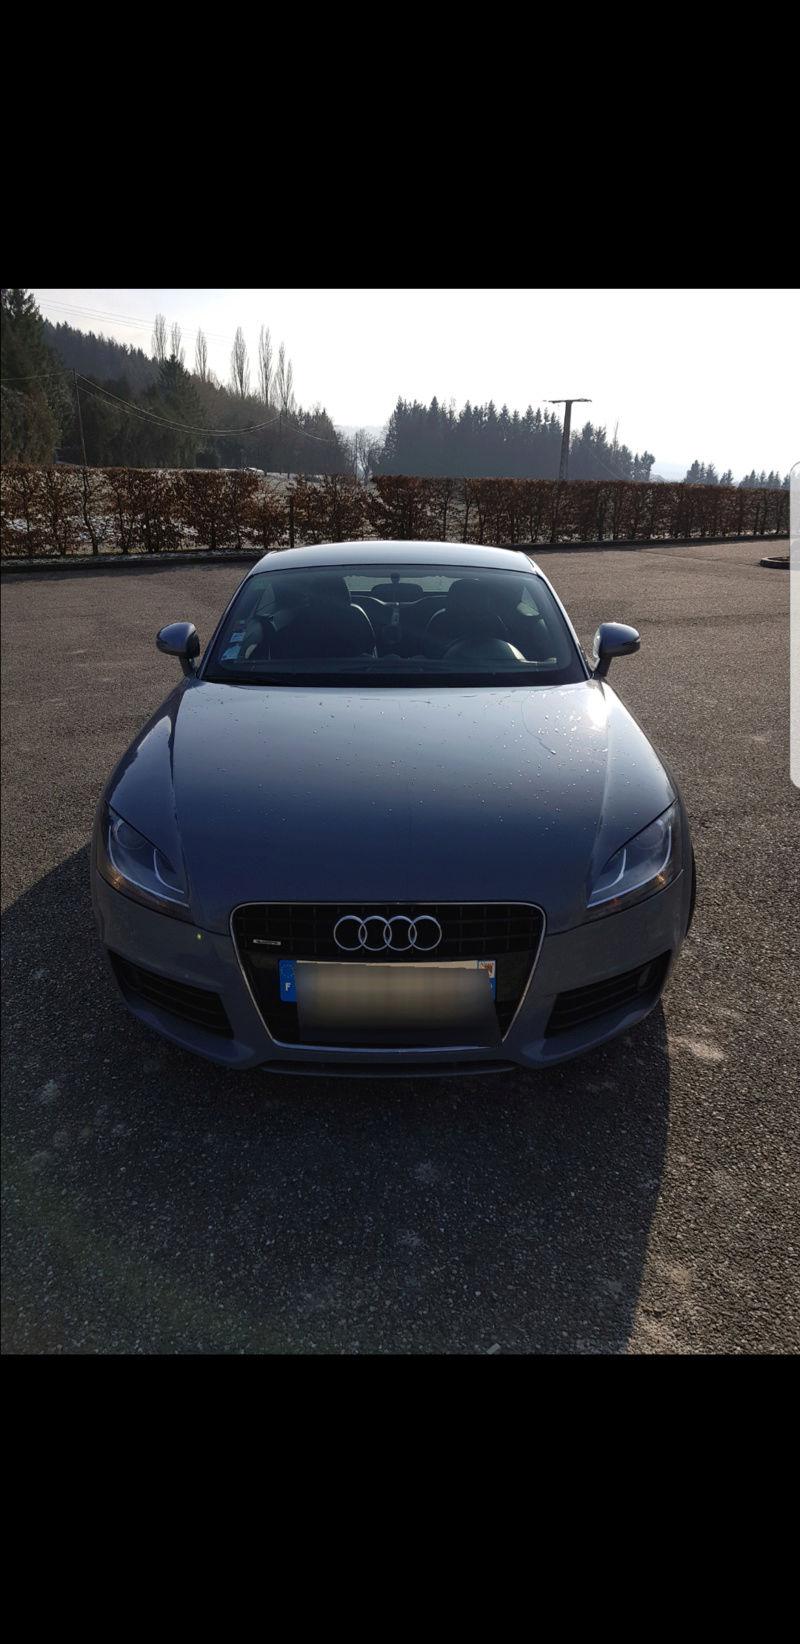 Audi tt 3.2 v6 mk2 Gris Nardo 20180313